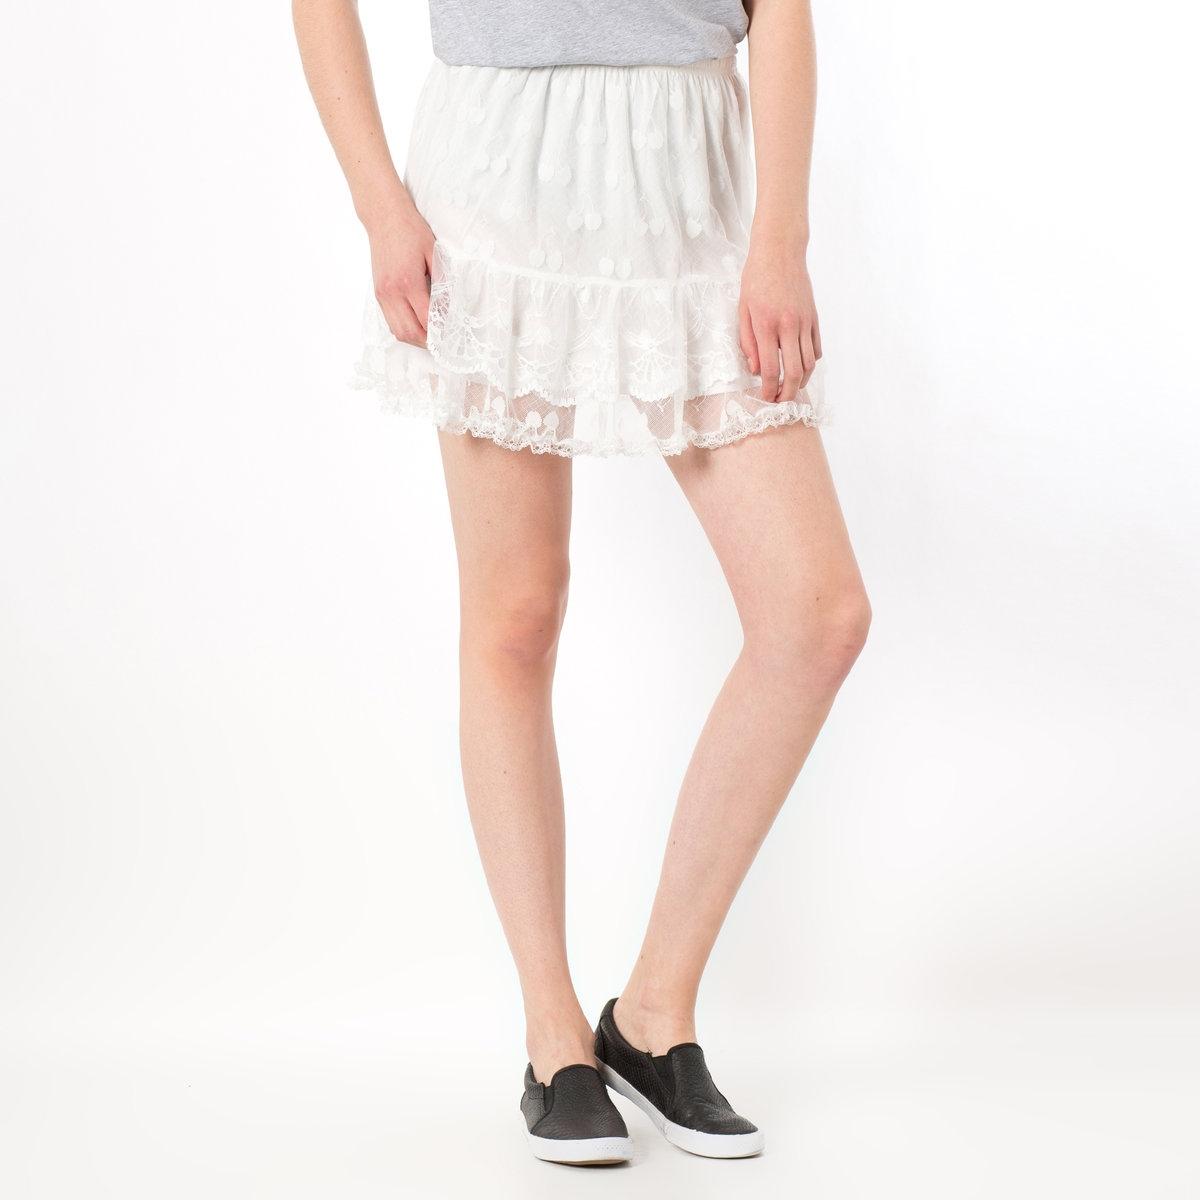 Юбка короткая с воланами из кружевного тюляЮбка MOLLY BRACKEN. Бесконечно очаровательная юбка из вышитого тюля! Идеальный вариант для лета!На подкладке. Эластичный пояс. Юбка из 50% полиэстера, 30% акрила, 20% полиуретана. Подкладка из полиэстера.<br><br>Цвет: белый